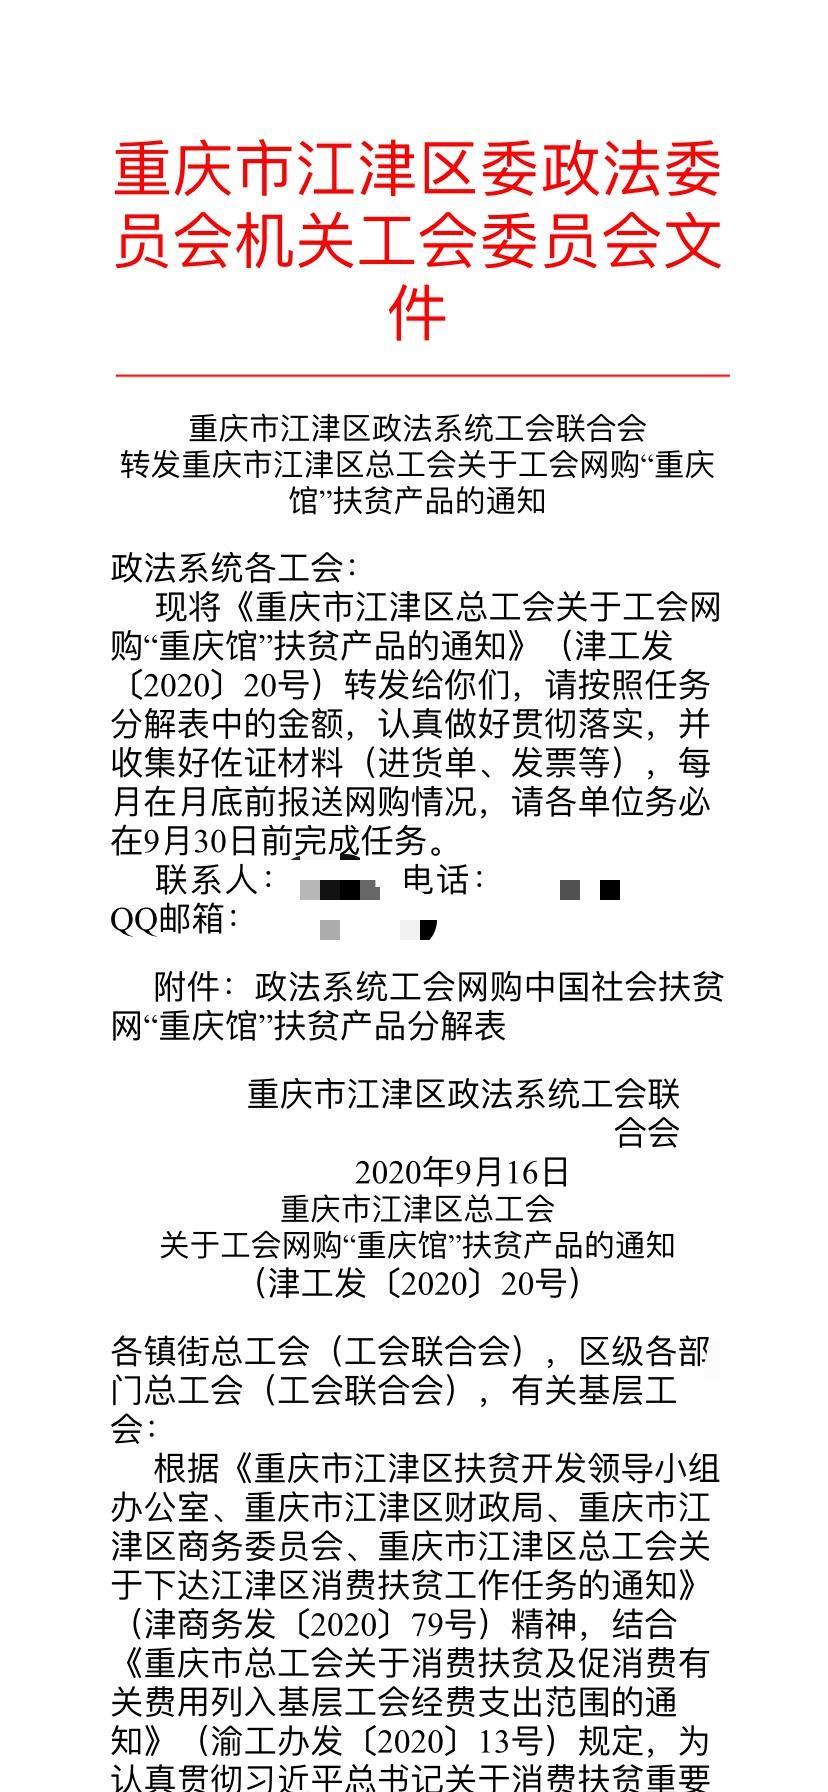 重庆江津区总工会下发文件要求网购扶贫产品:购销总额三百万图片